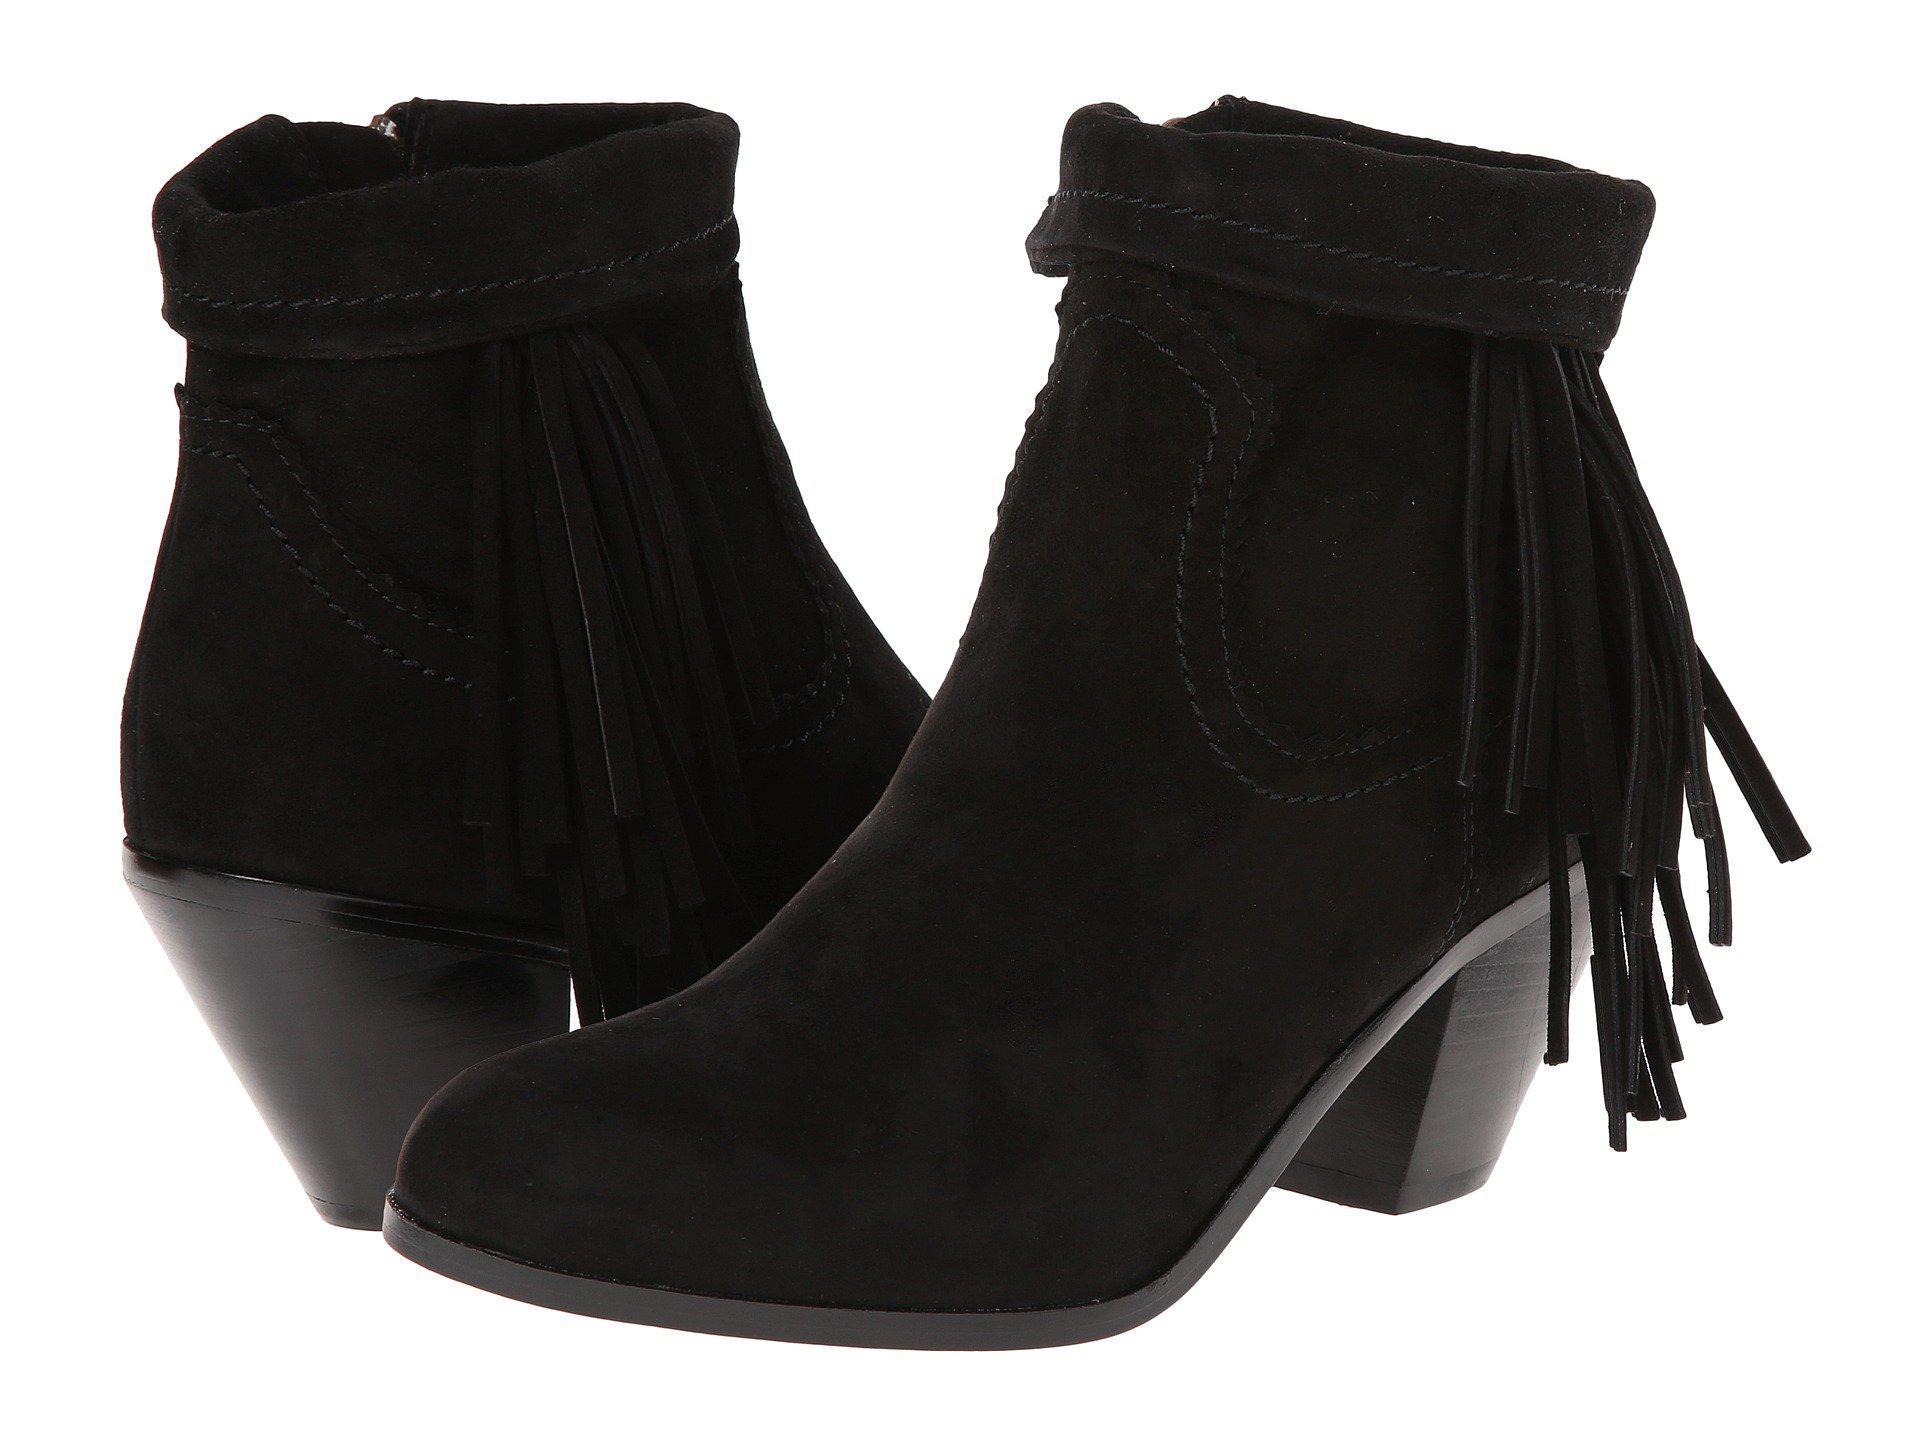 097b9c21d  140 Sam Edelman Louie Fringe Ankle Boots Black Suede Women Sz 10 M ...